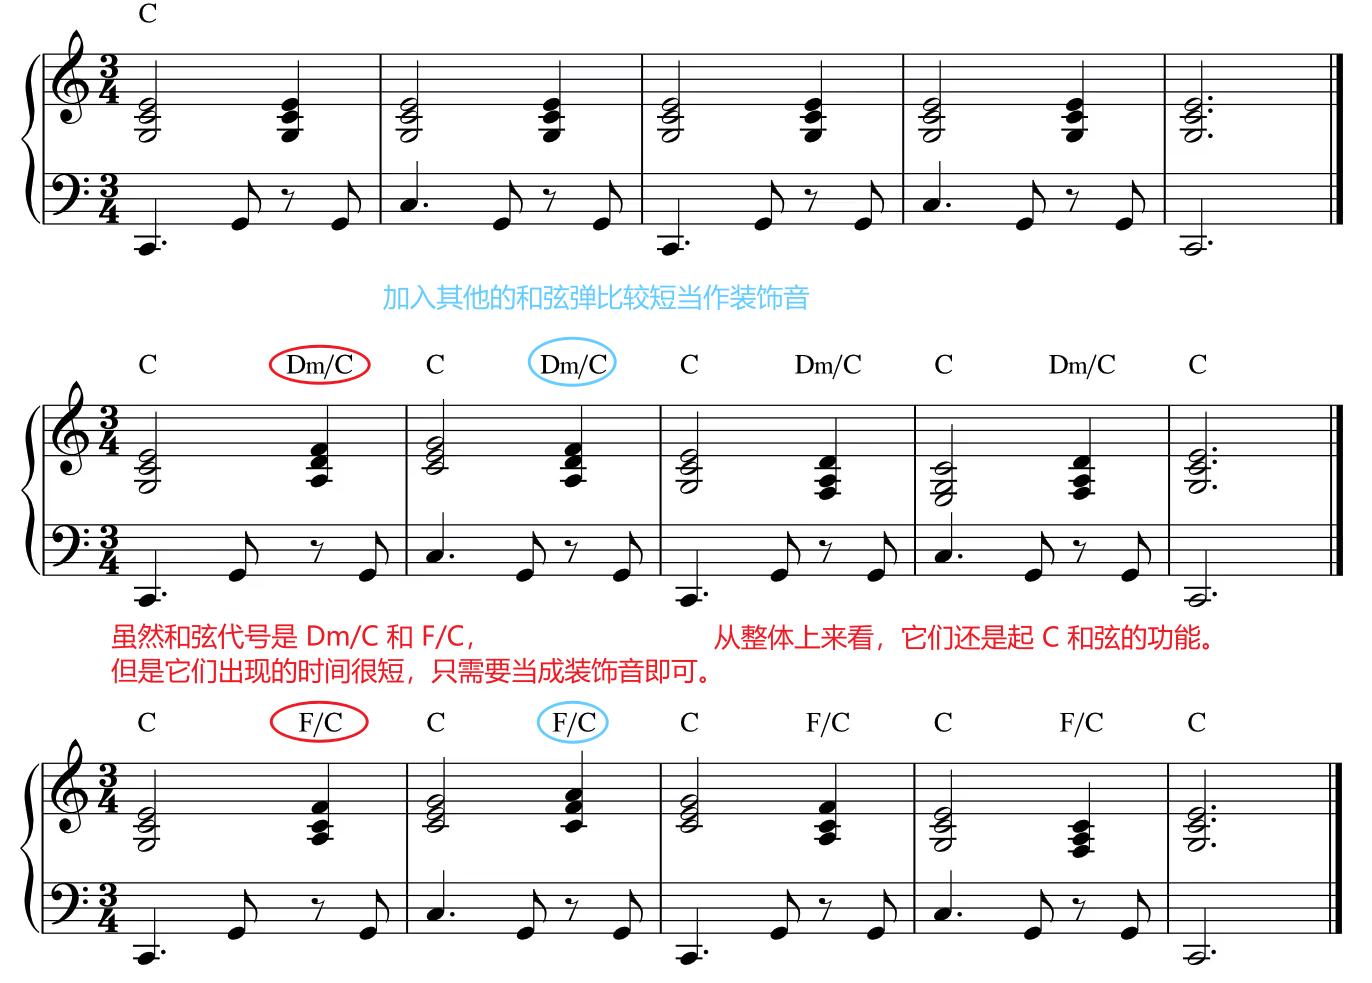 用其他和弦装饰的例子.